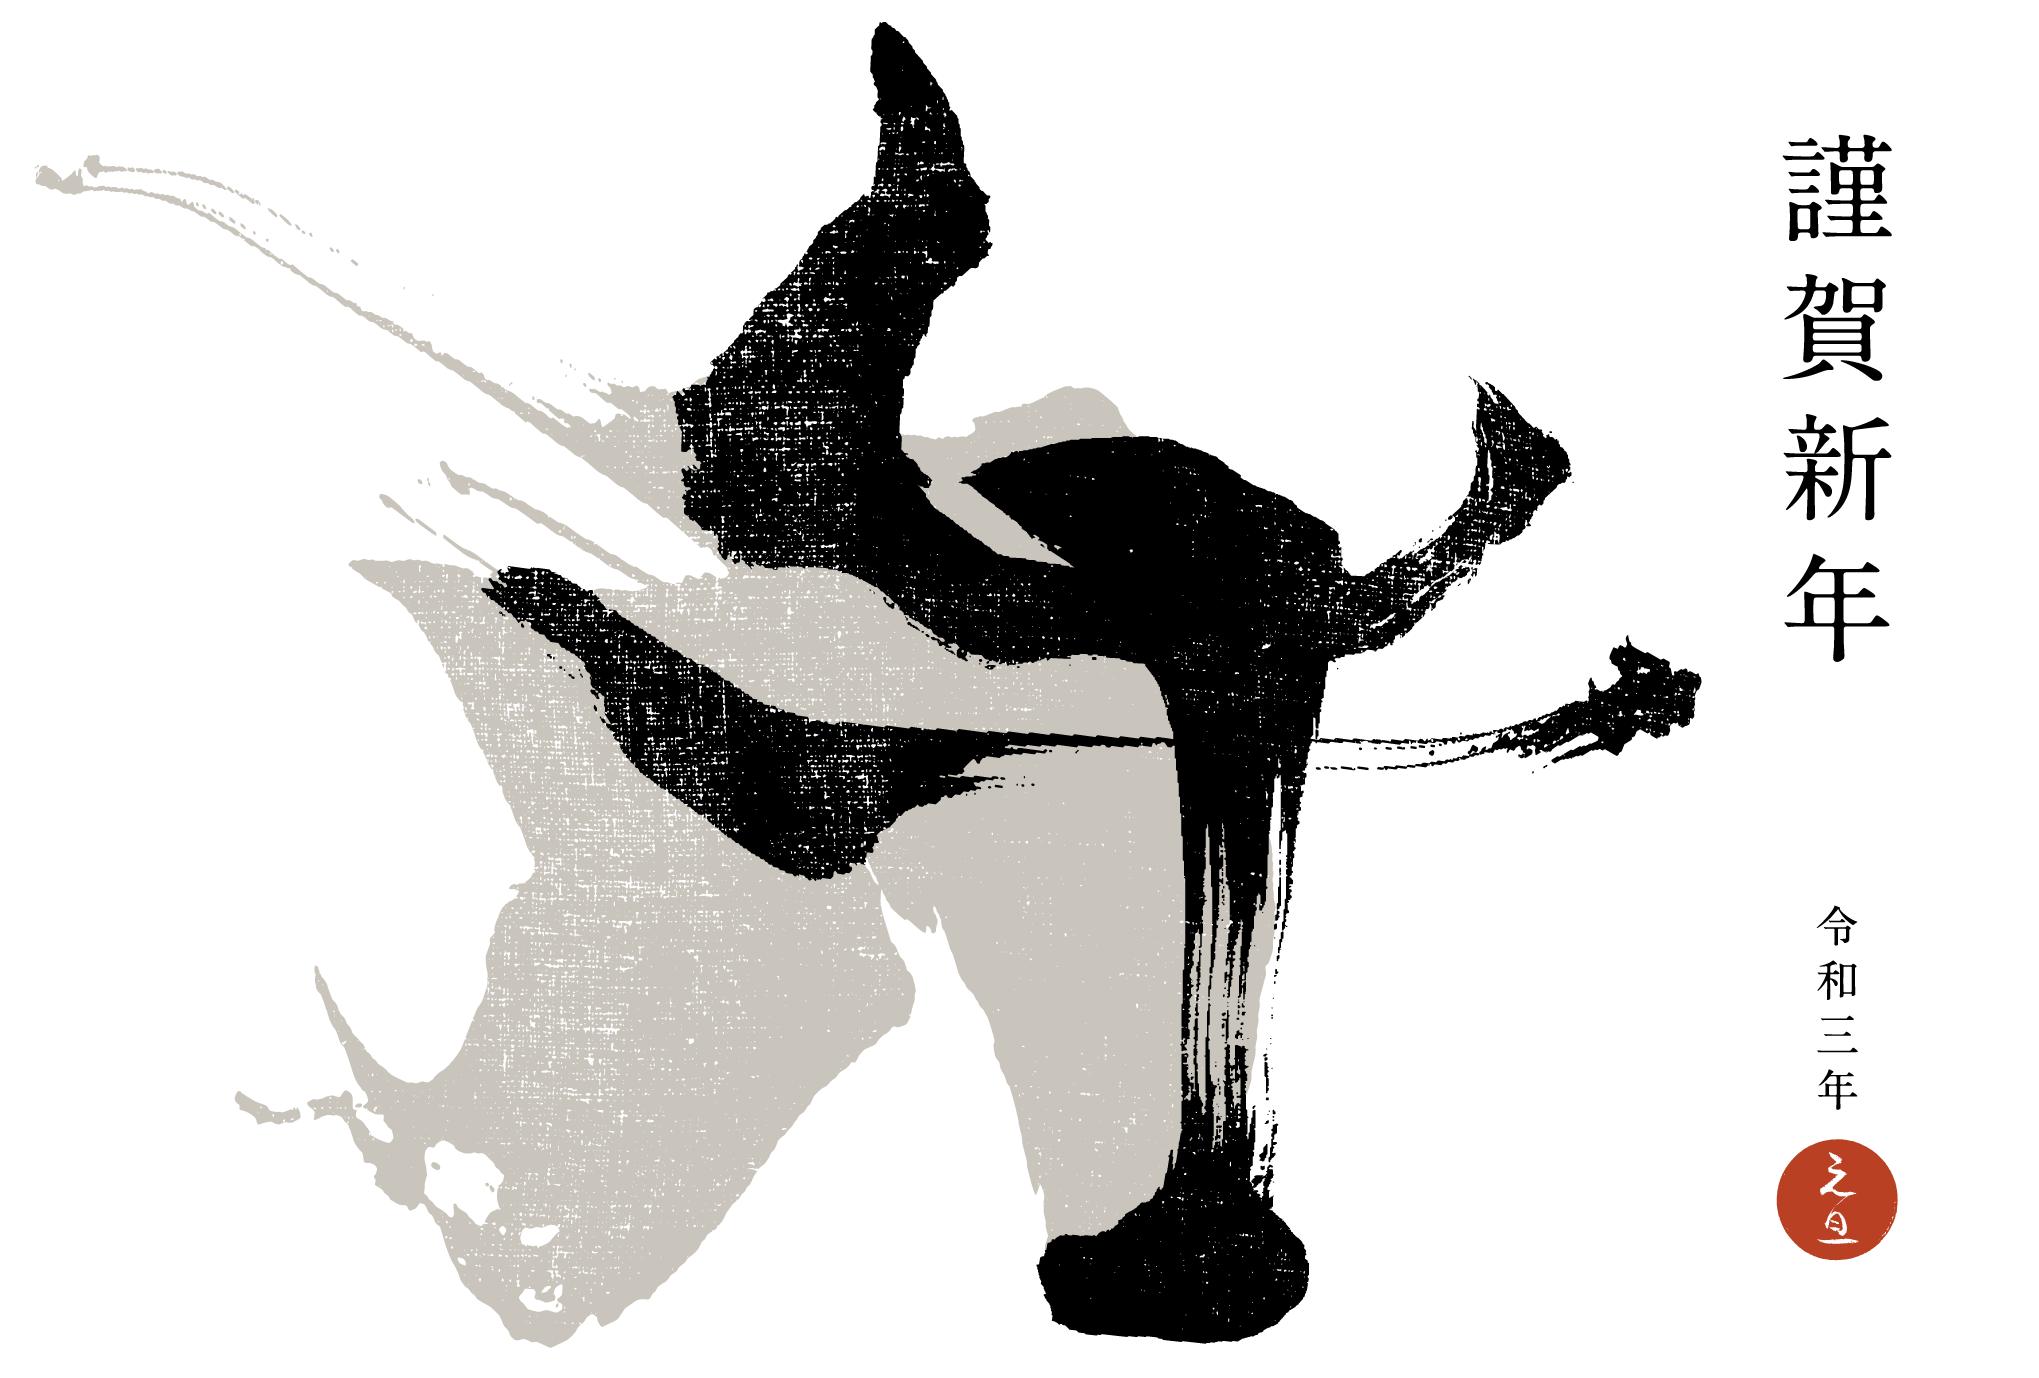 2021年賀状12-3:牛 Calligraphy / B(謹賀新年)横のダウンロード画像